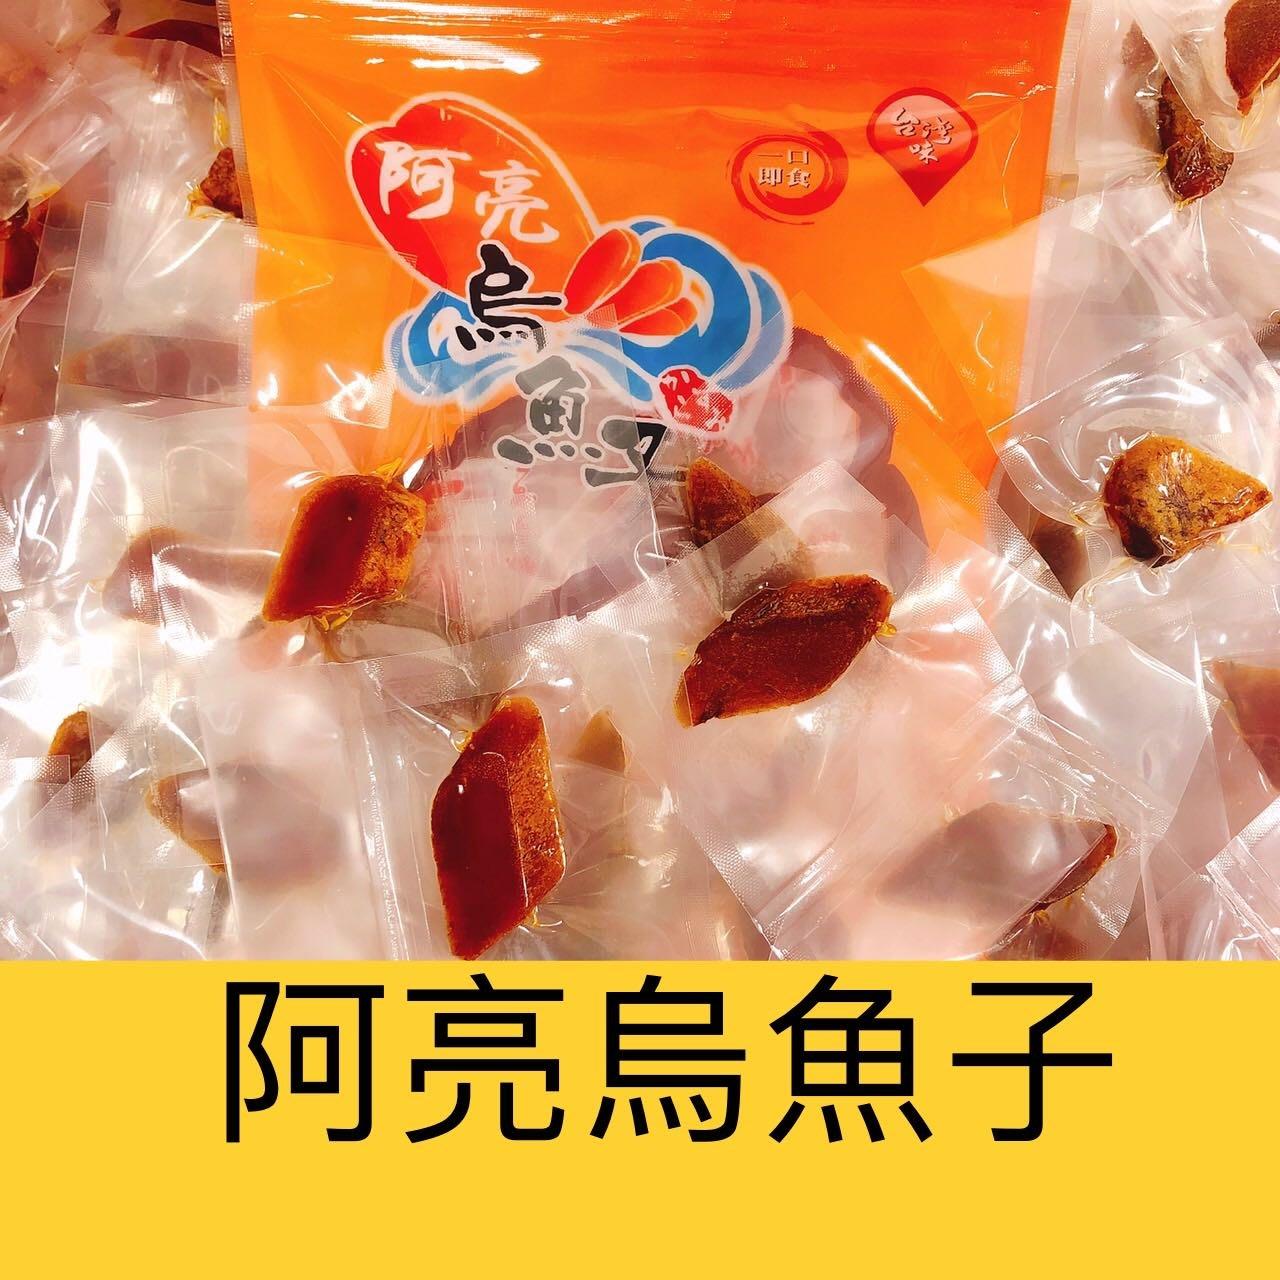 「阿亮烏魚子」(熟食)血子小塊一口烏魚子1小包